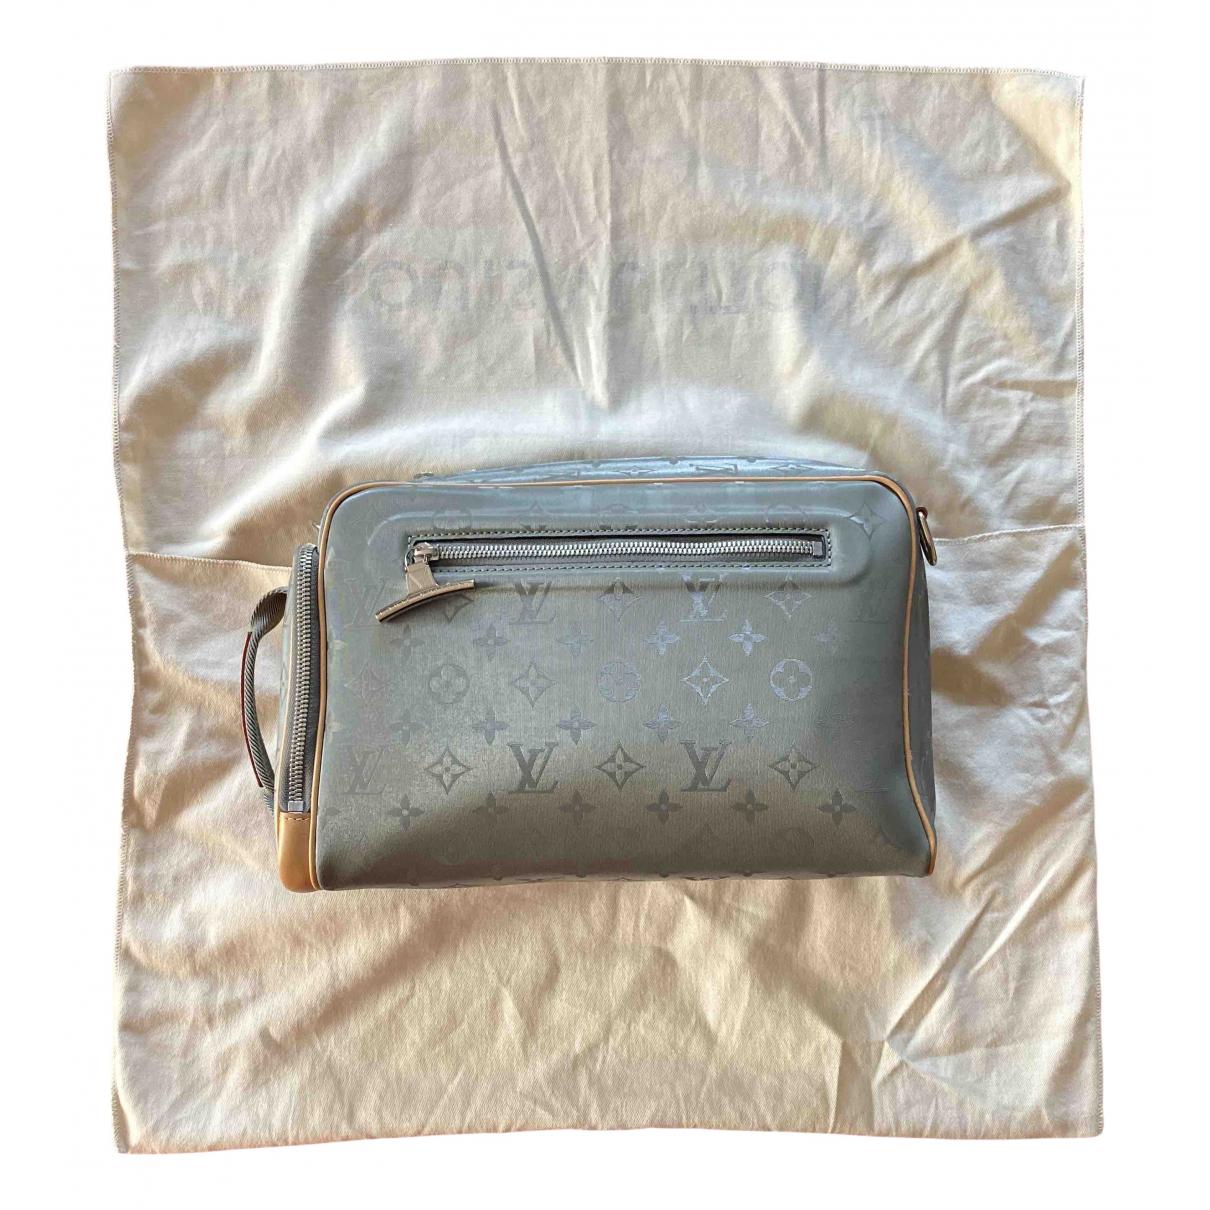 Louis Vuitton - Petite maroquinerie   pour homme - argente